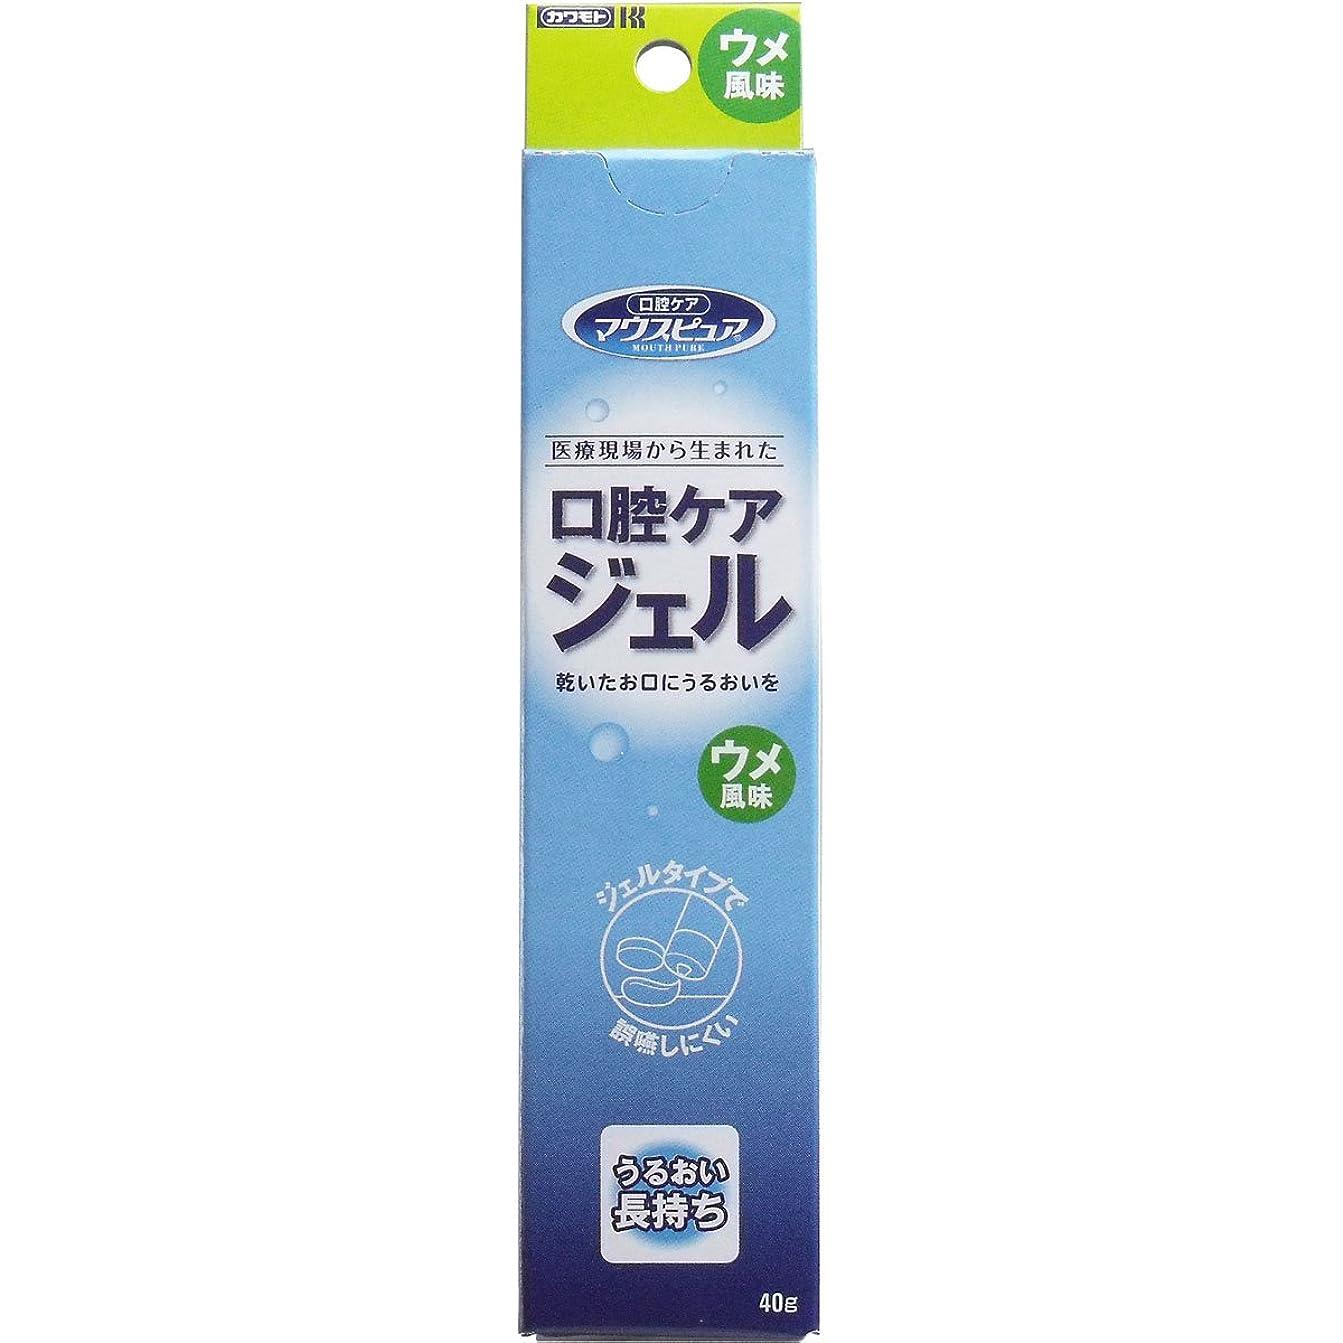 【まとめ買い】川本産業 マウスピュア 口腔ケアジェル ウメ風味 40g入【×4個】